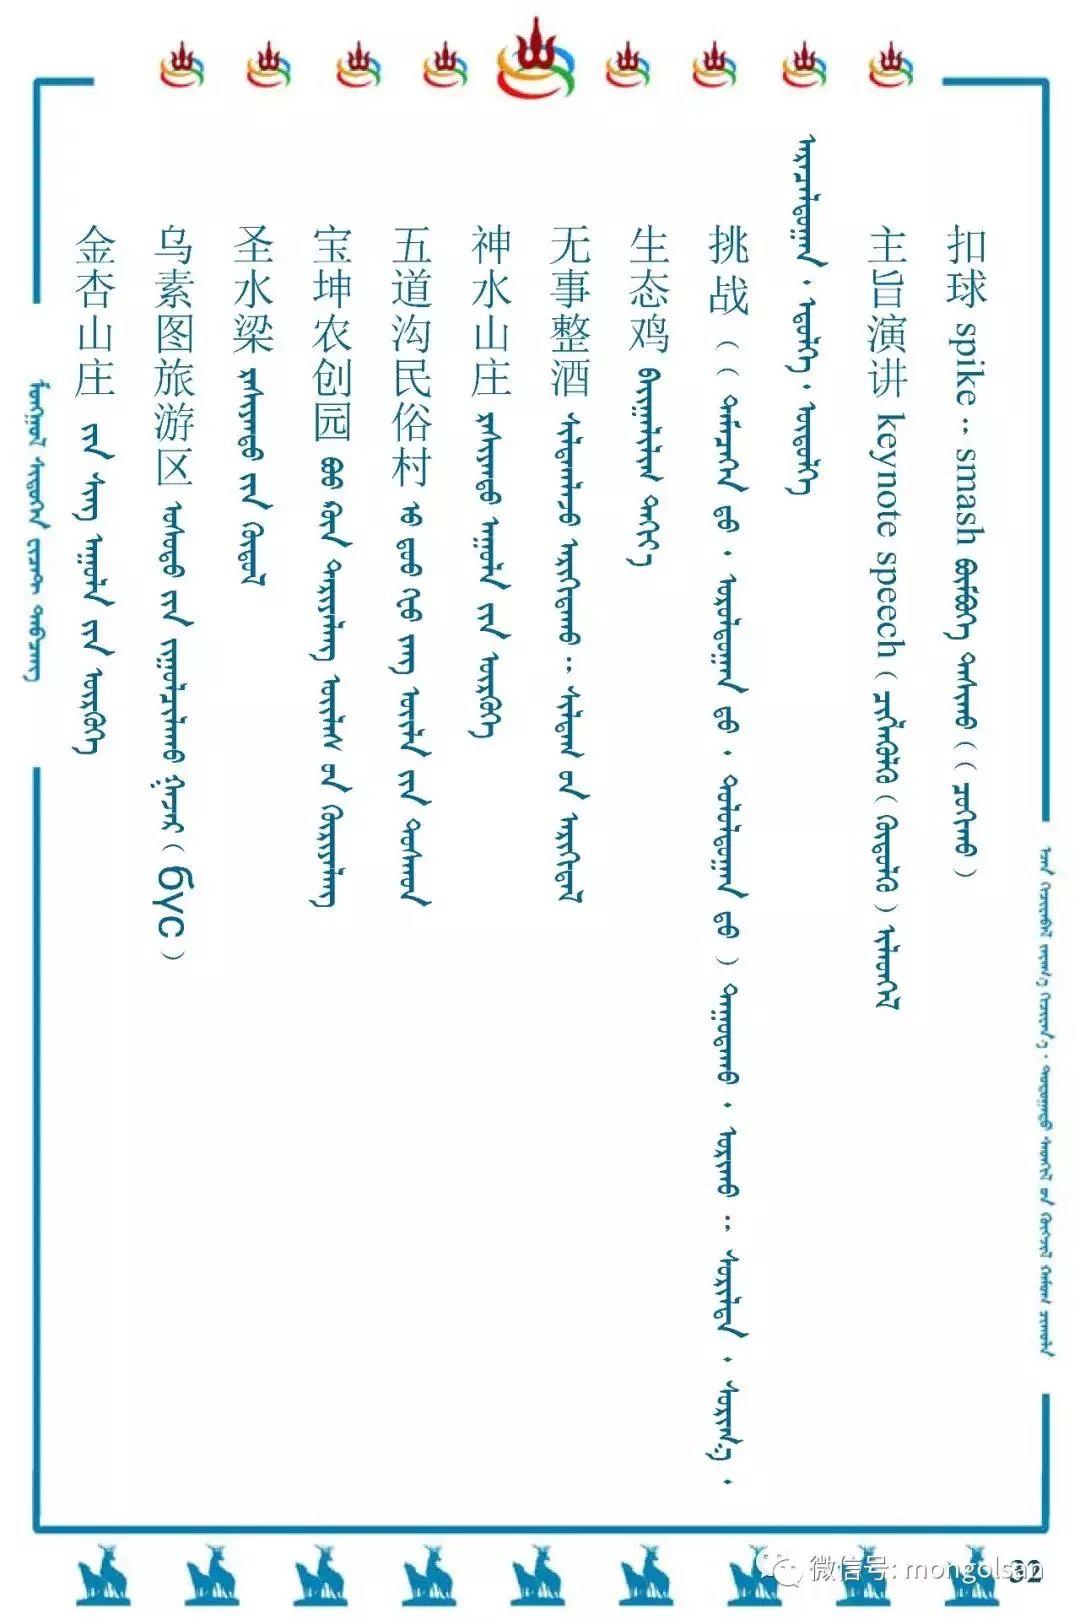 最新名词蒙古语翻译参考 第32张